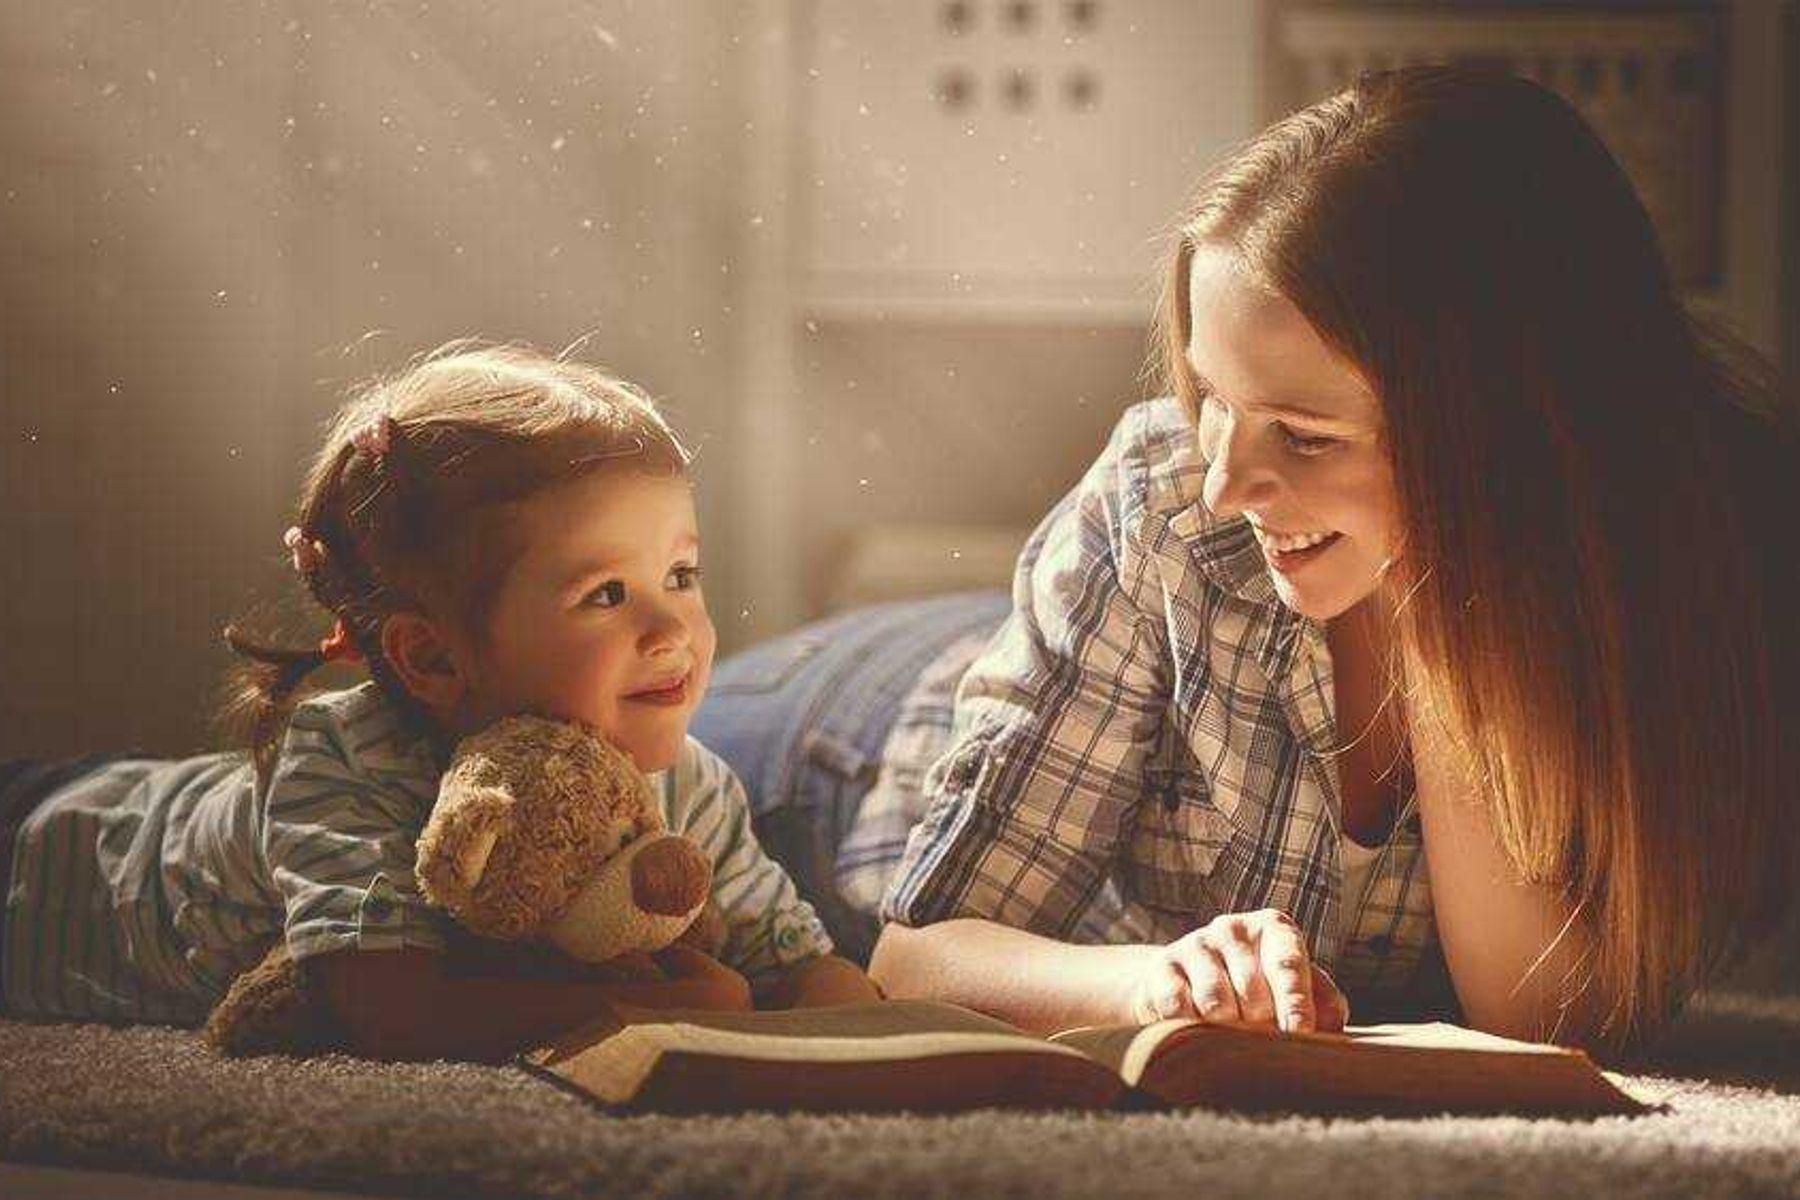 Mãe e filha sorrindo debruçadas sobre um livro